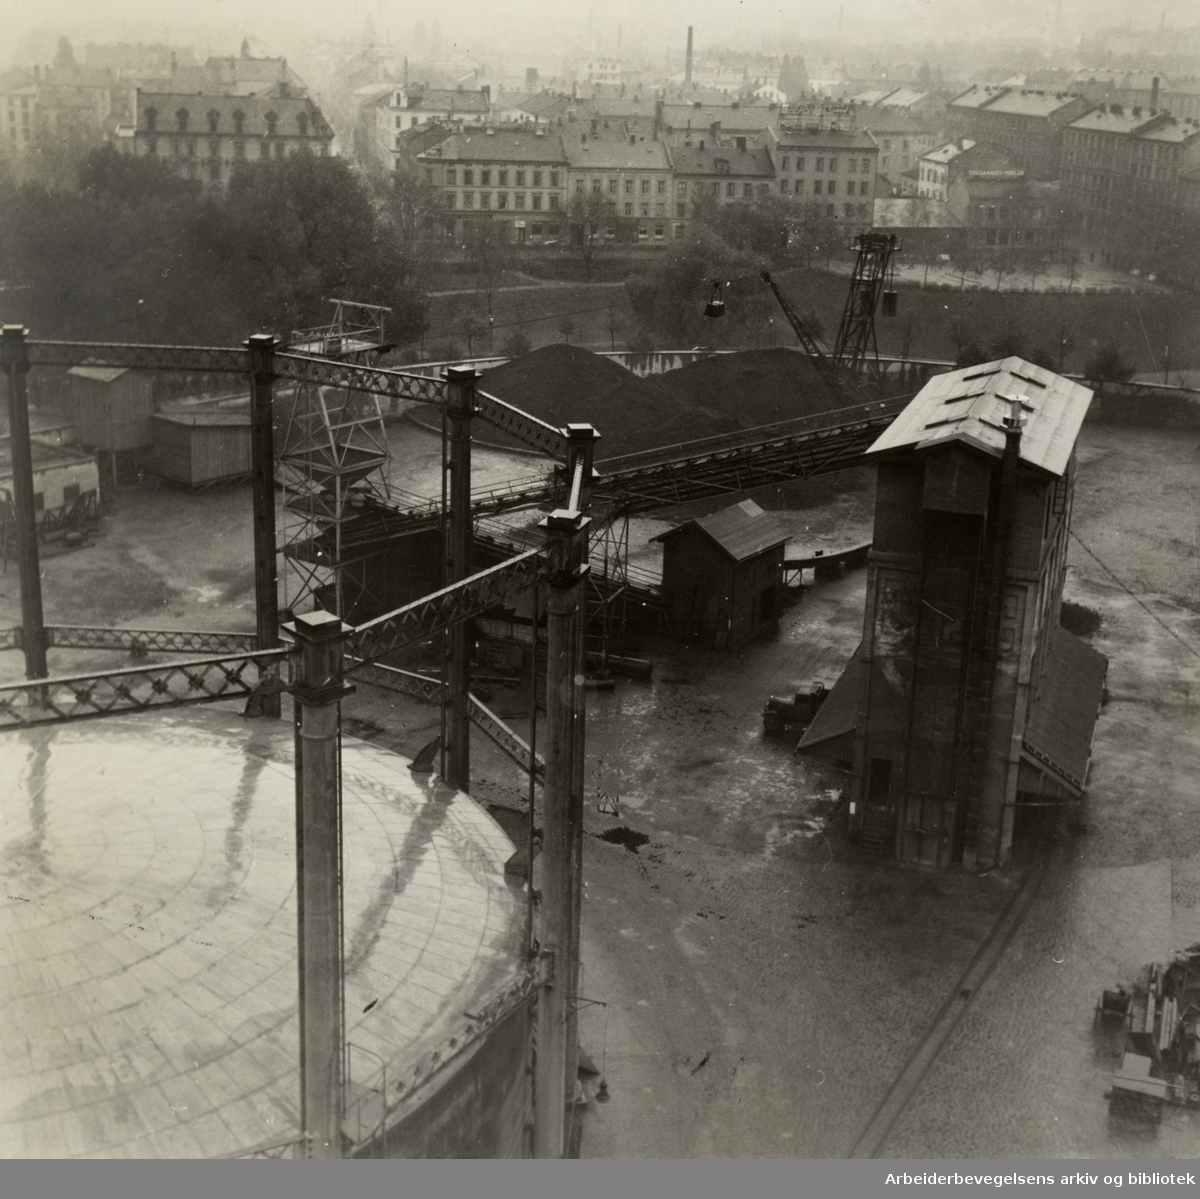 Gassverket. Oktober 1945